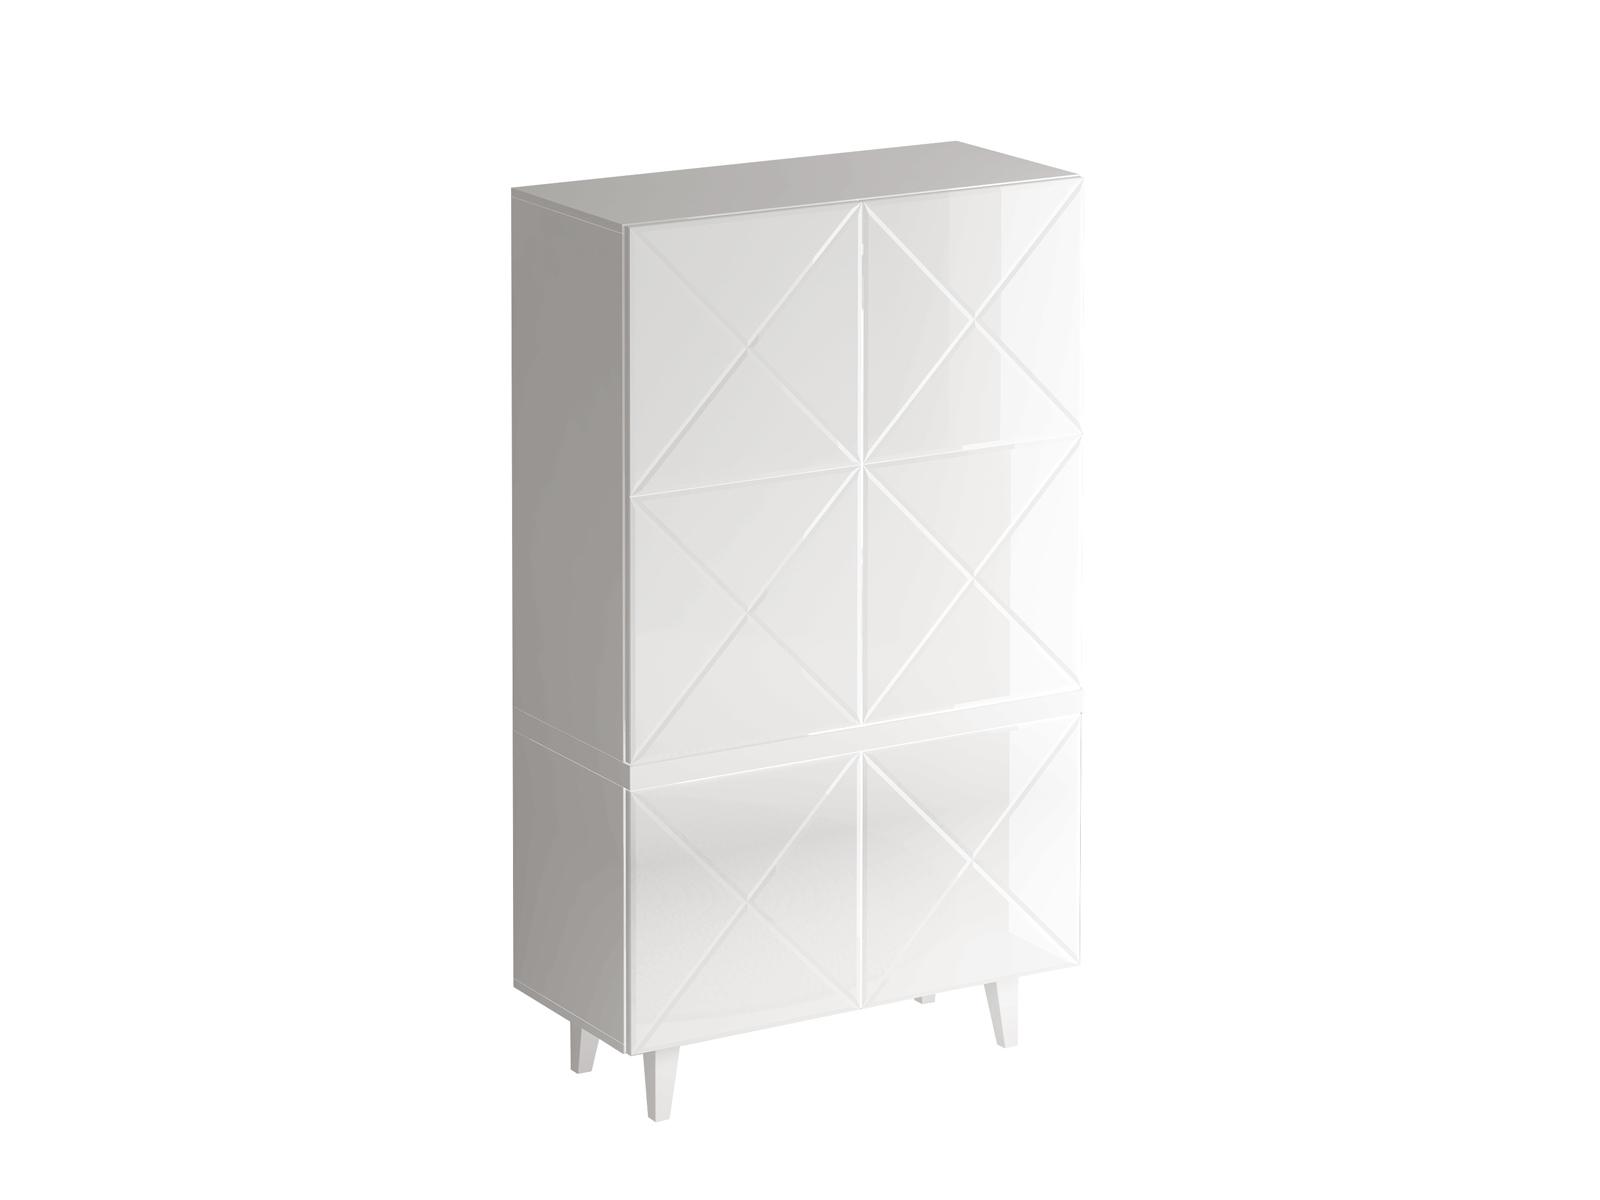 Шкаф KristalБельевые шкафы<br>Шкаф комбинированный для гостиной.&amp;amp;nbsp;&amp;lt;div&amp;gt;Дверцы открываются по принципу «нажал - открыл».&amp;lt;/div&amp;gt;&amp;lt;div&amp;gt;Фасад - стекло белое&amp;lt;br&amp;gt;&amp;lt;/div&amp;gt;<br><br>Material: ДСП<br>Ширина см: 96<br>Высота см: 165<br>Глубина см: 44